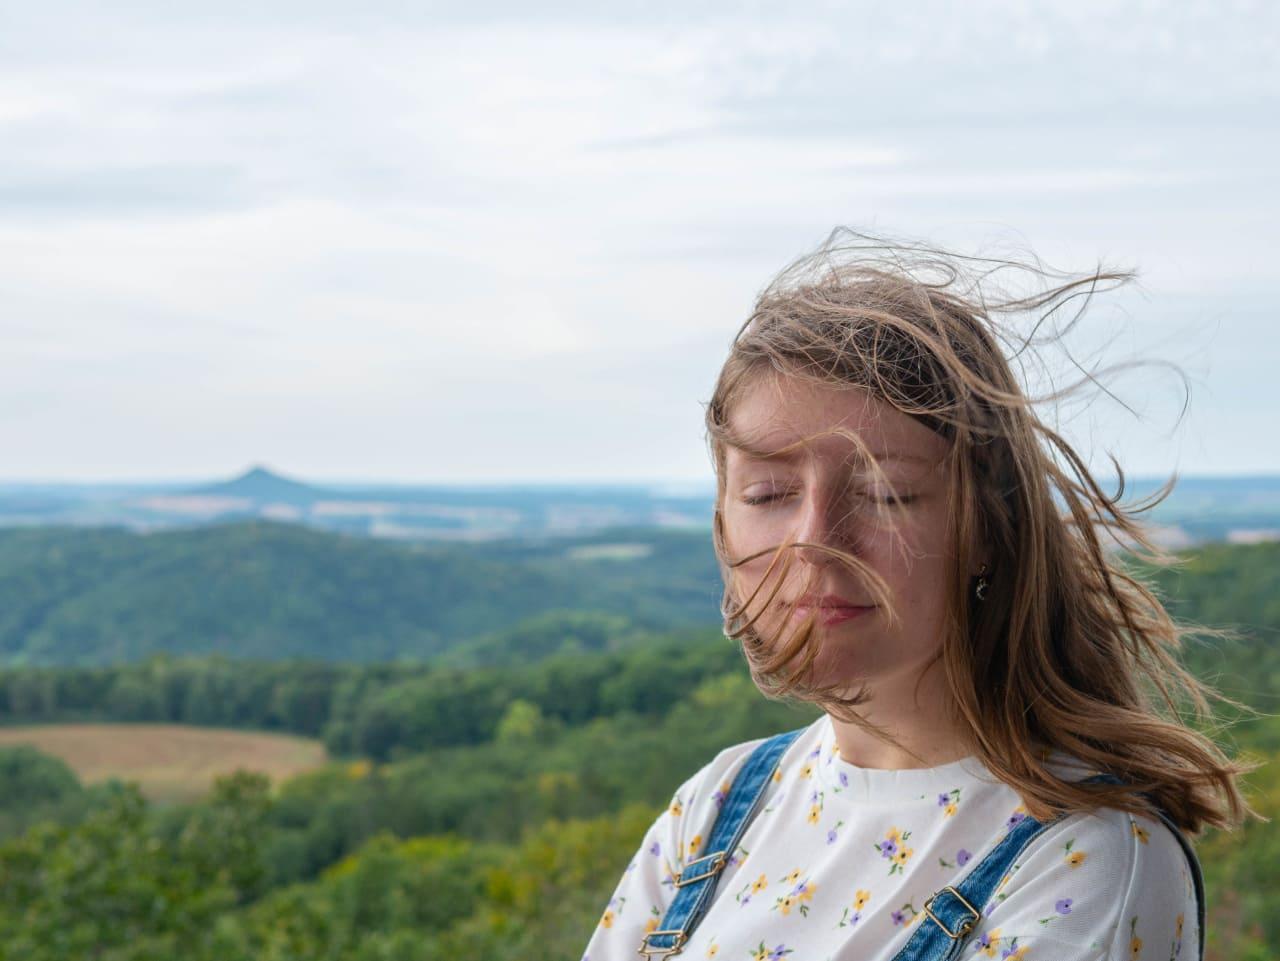 Ostrzyca Rezerwat Przyrody Ostrzyca Proboszczowicka Kraina Wygasłych Wulkanów Pogórze Kaczawskie Najważniejsze Atrakcje Ciekawe Miejsca Punkt Widokowy